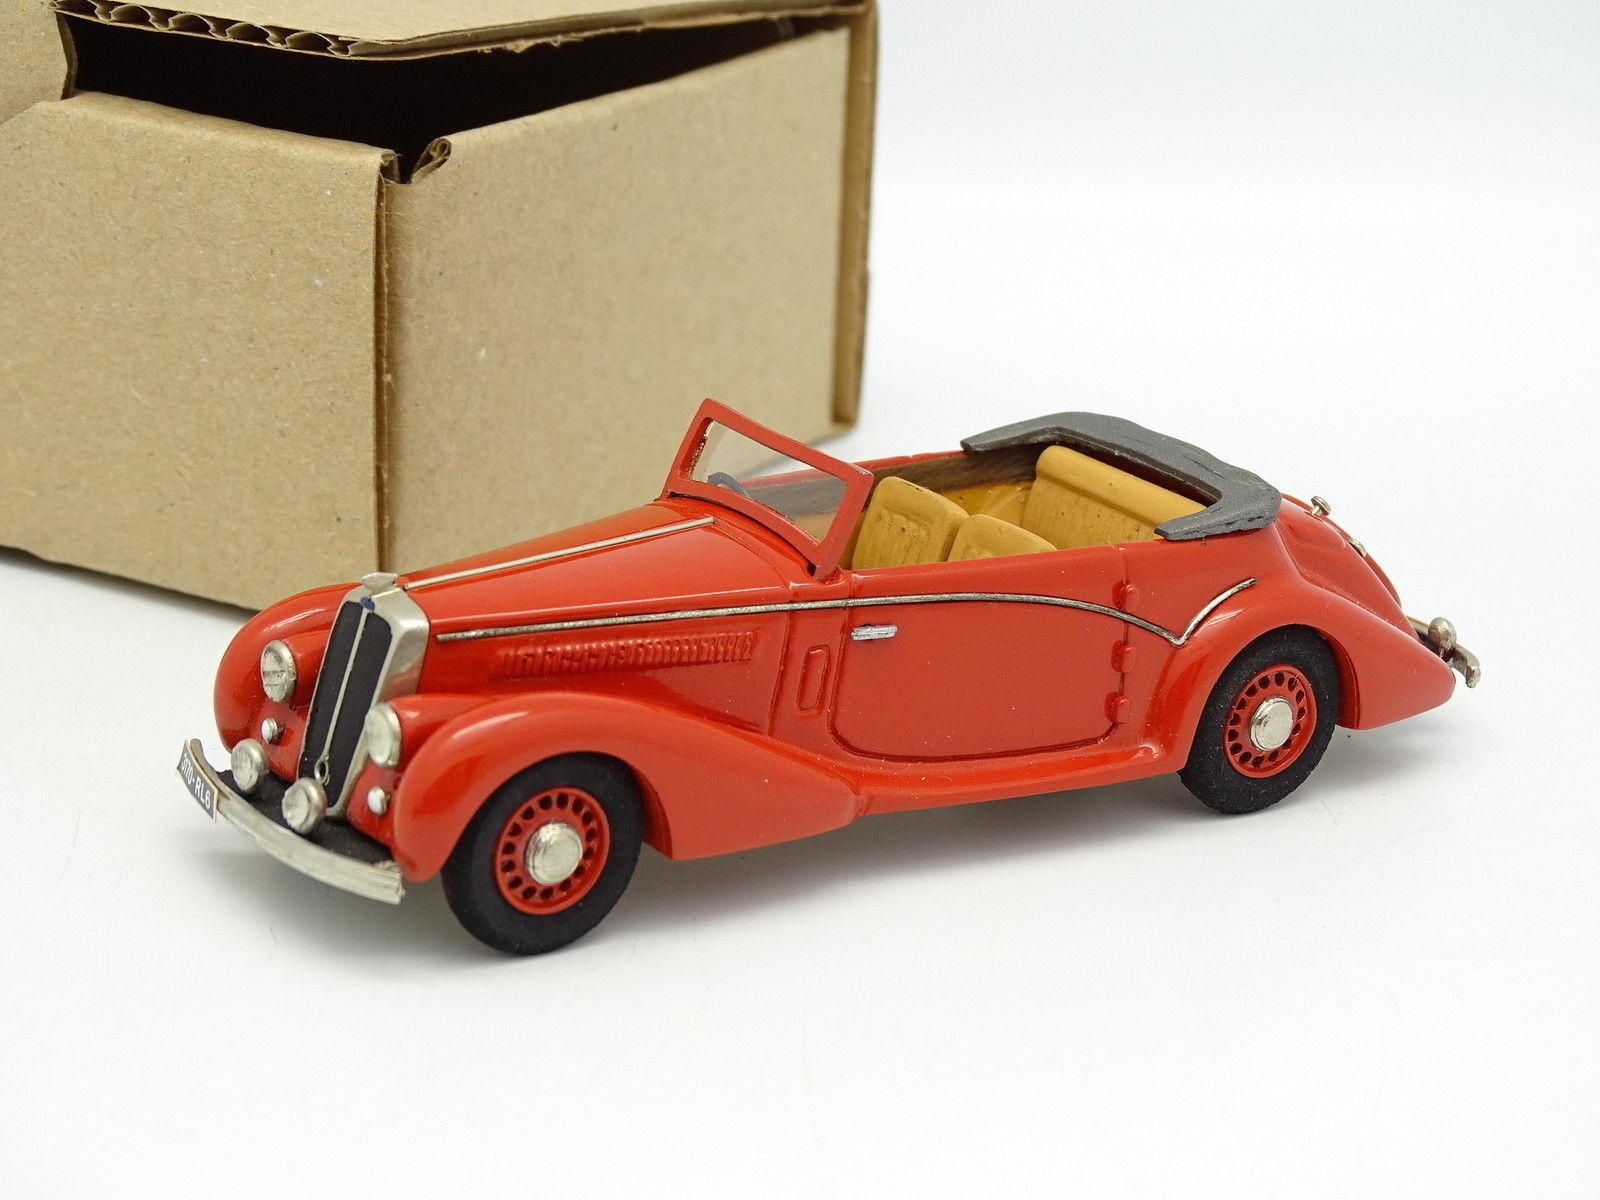 Ma Colección Brianza Resina 1 43 - Salmson S4 61 Cabriolet 1949 Rojo